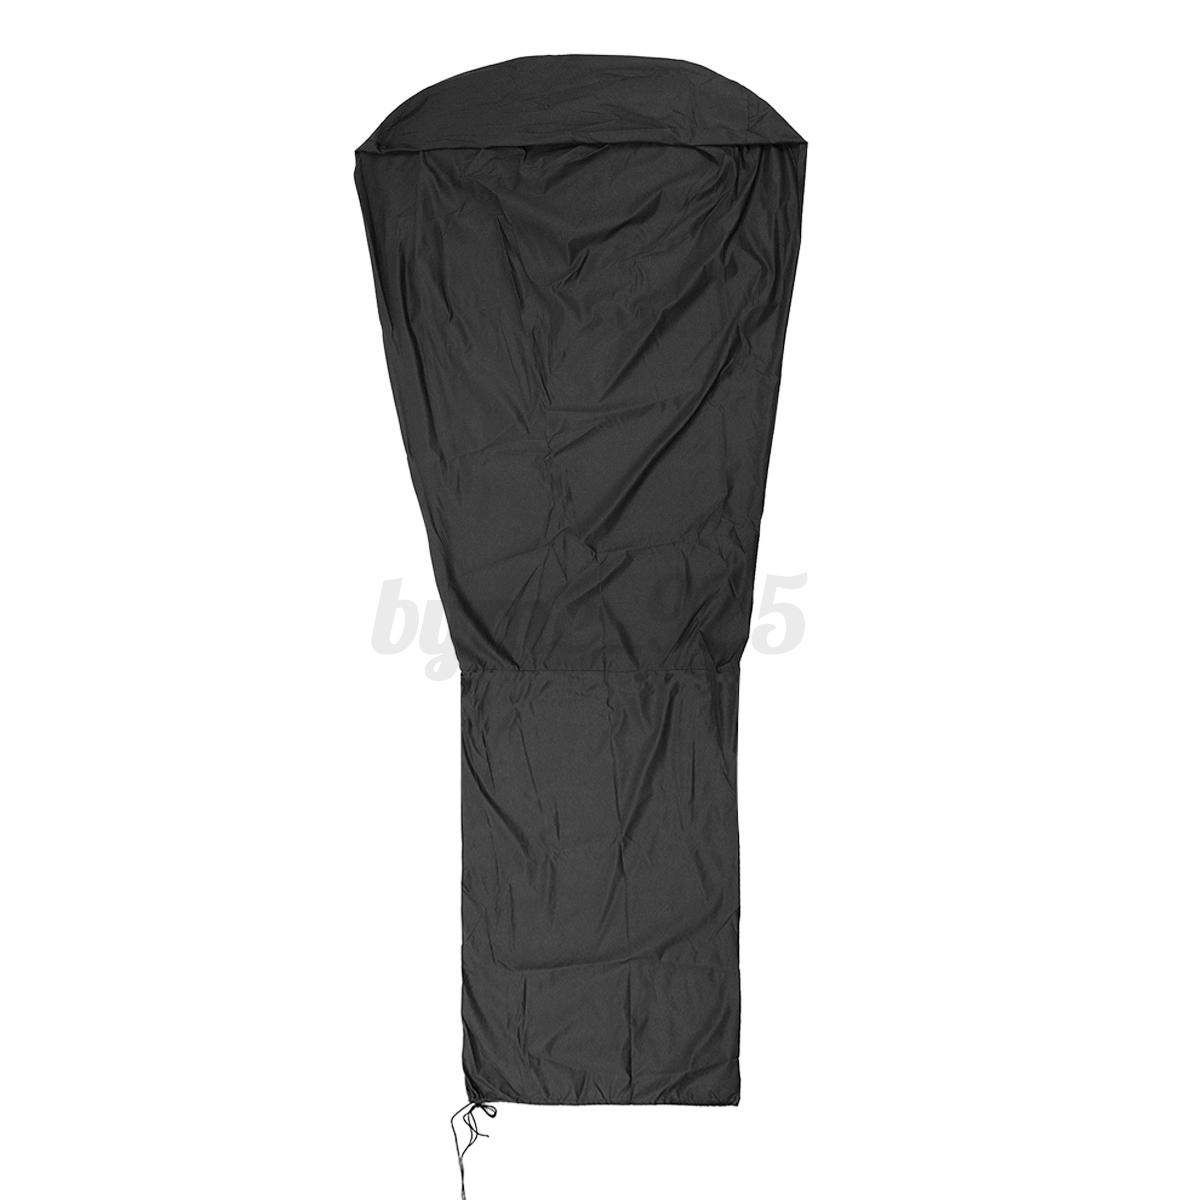 Vinyl-Waterproof-Stand-Up-Heater-Cover-Garden-Outdoor-Patio-Dustproof-Protector